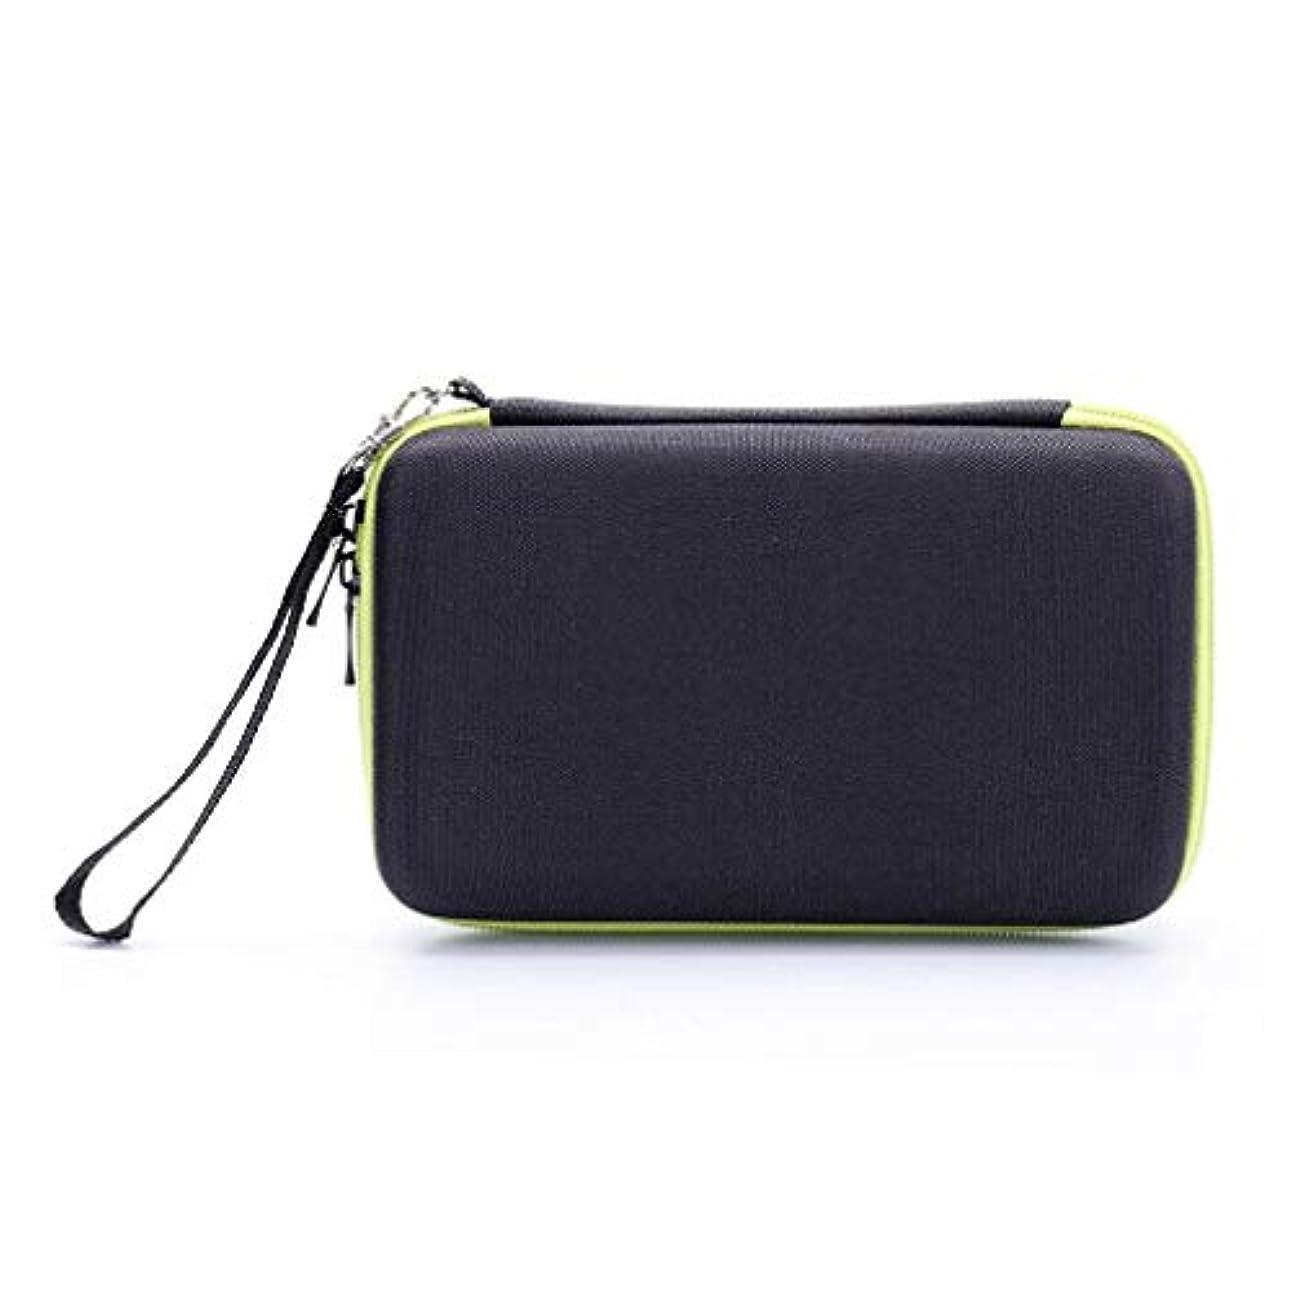 レンジ嫌悪必要としているフィリップスブレードトラベルボックスポータブルカバーケースバッグおしゃれなシンプルな落下防止のための圧縮耐性で高度にタフ